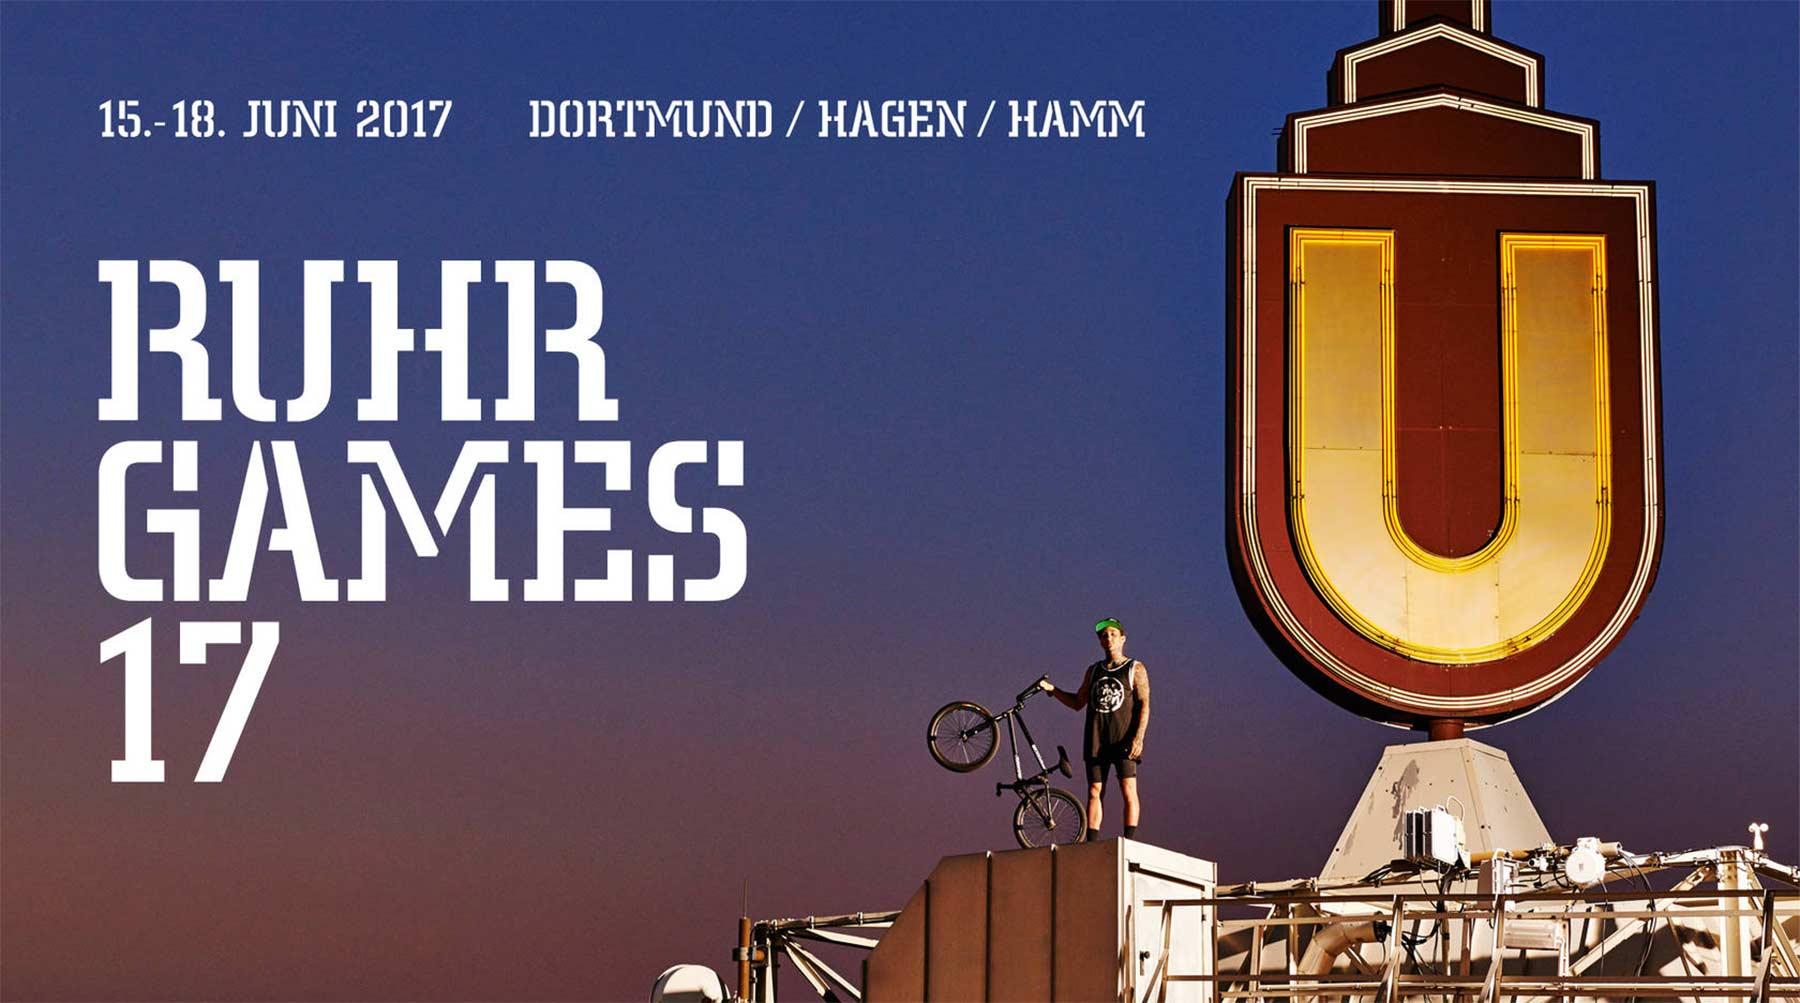 Seht Clueso, Sportfreunde Stiller & mehr für Lau bei den Ruhr Games! Ruhr-Games-2017_01